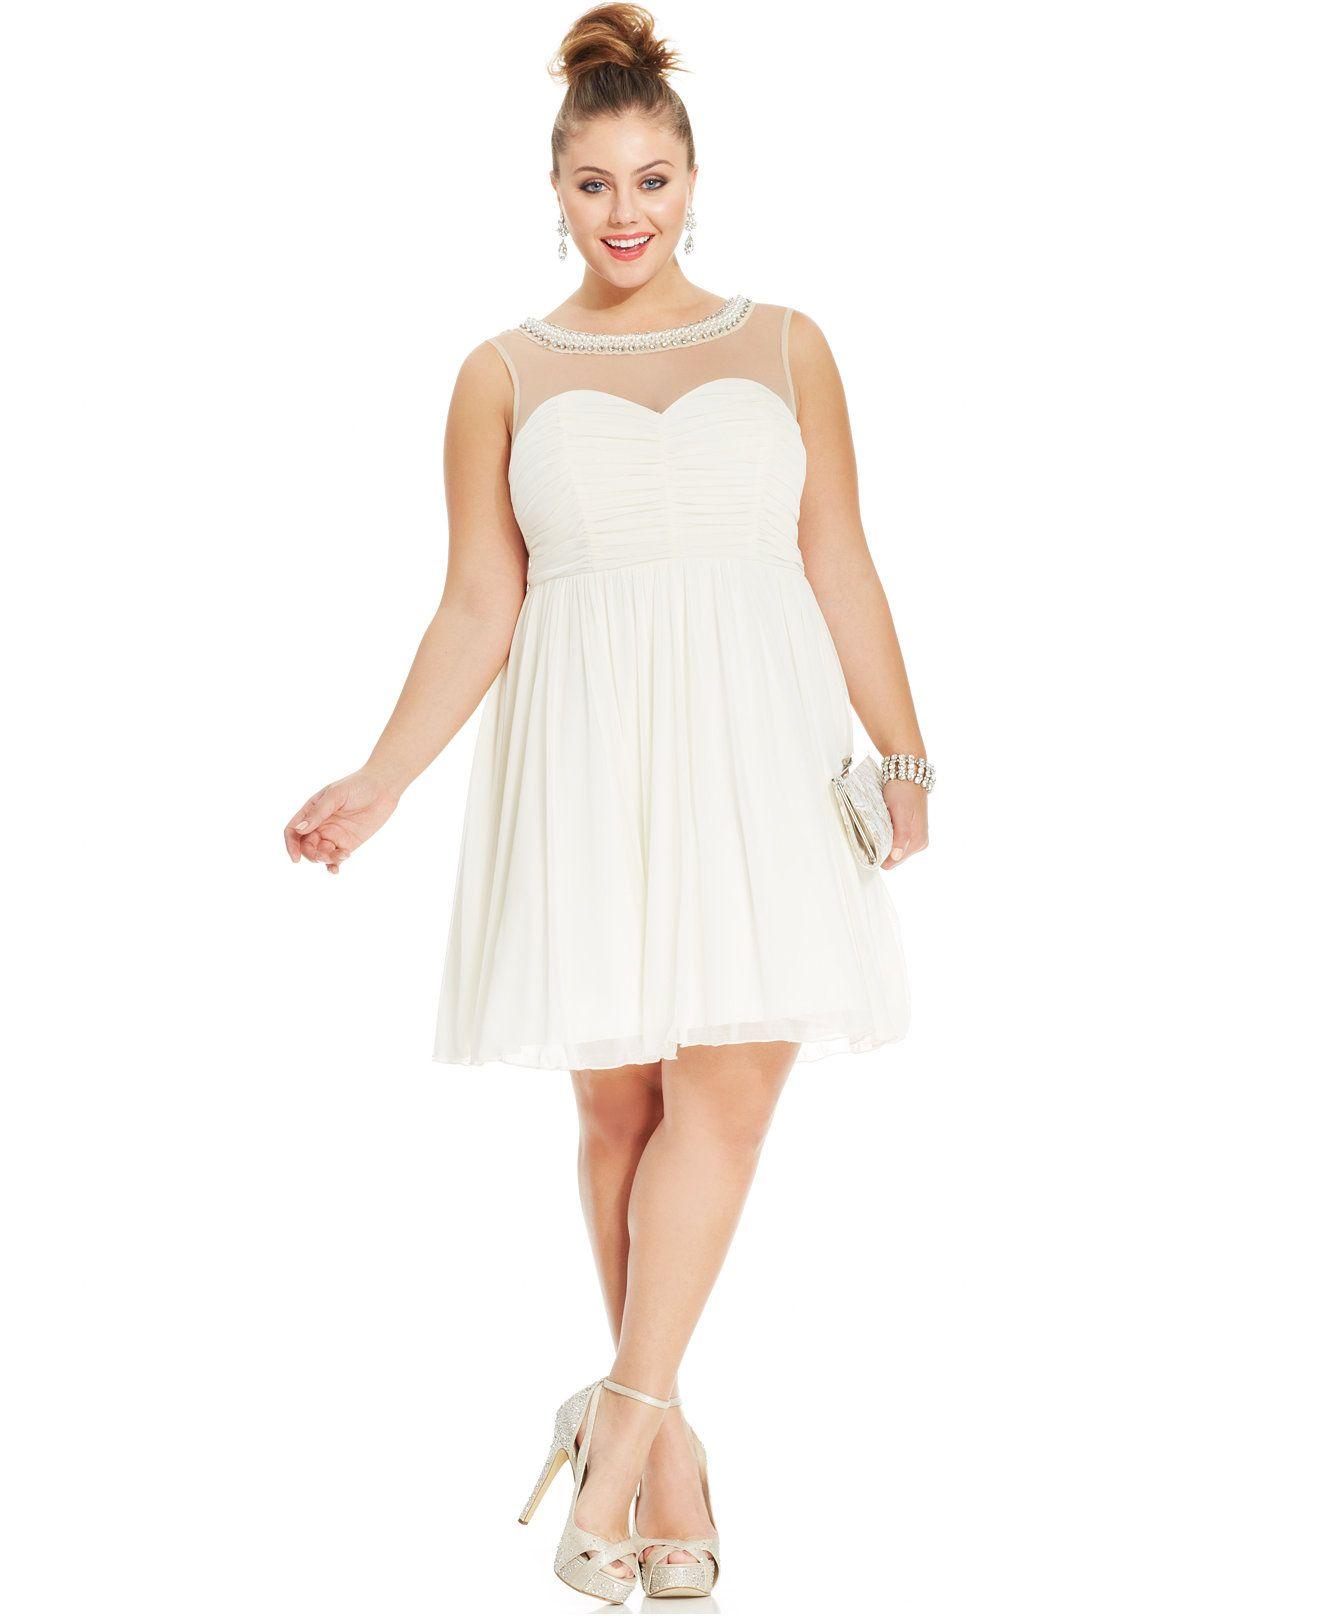 Trixxi plus size illusion ruched aline dress dresses plus sizes